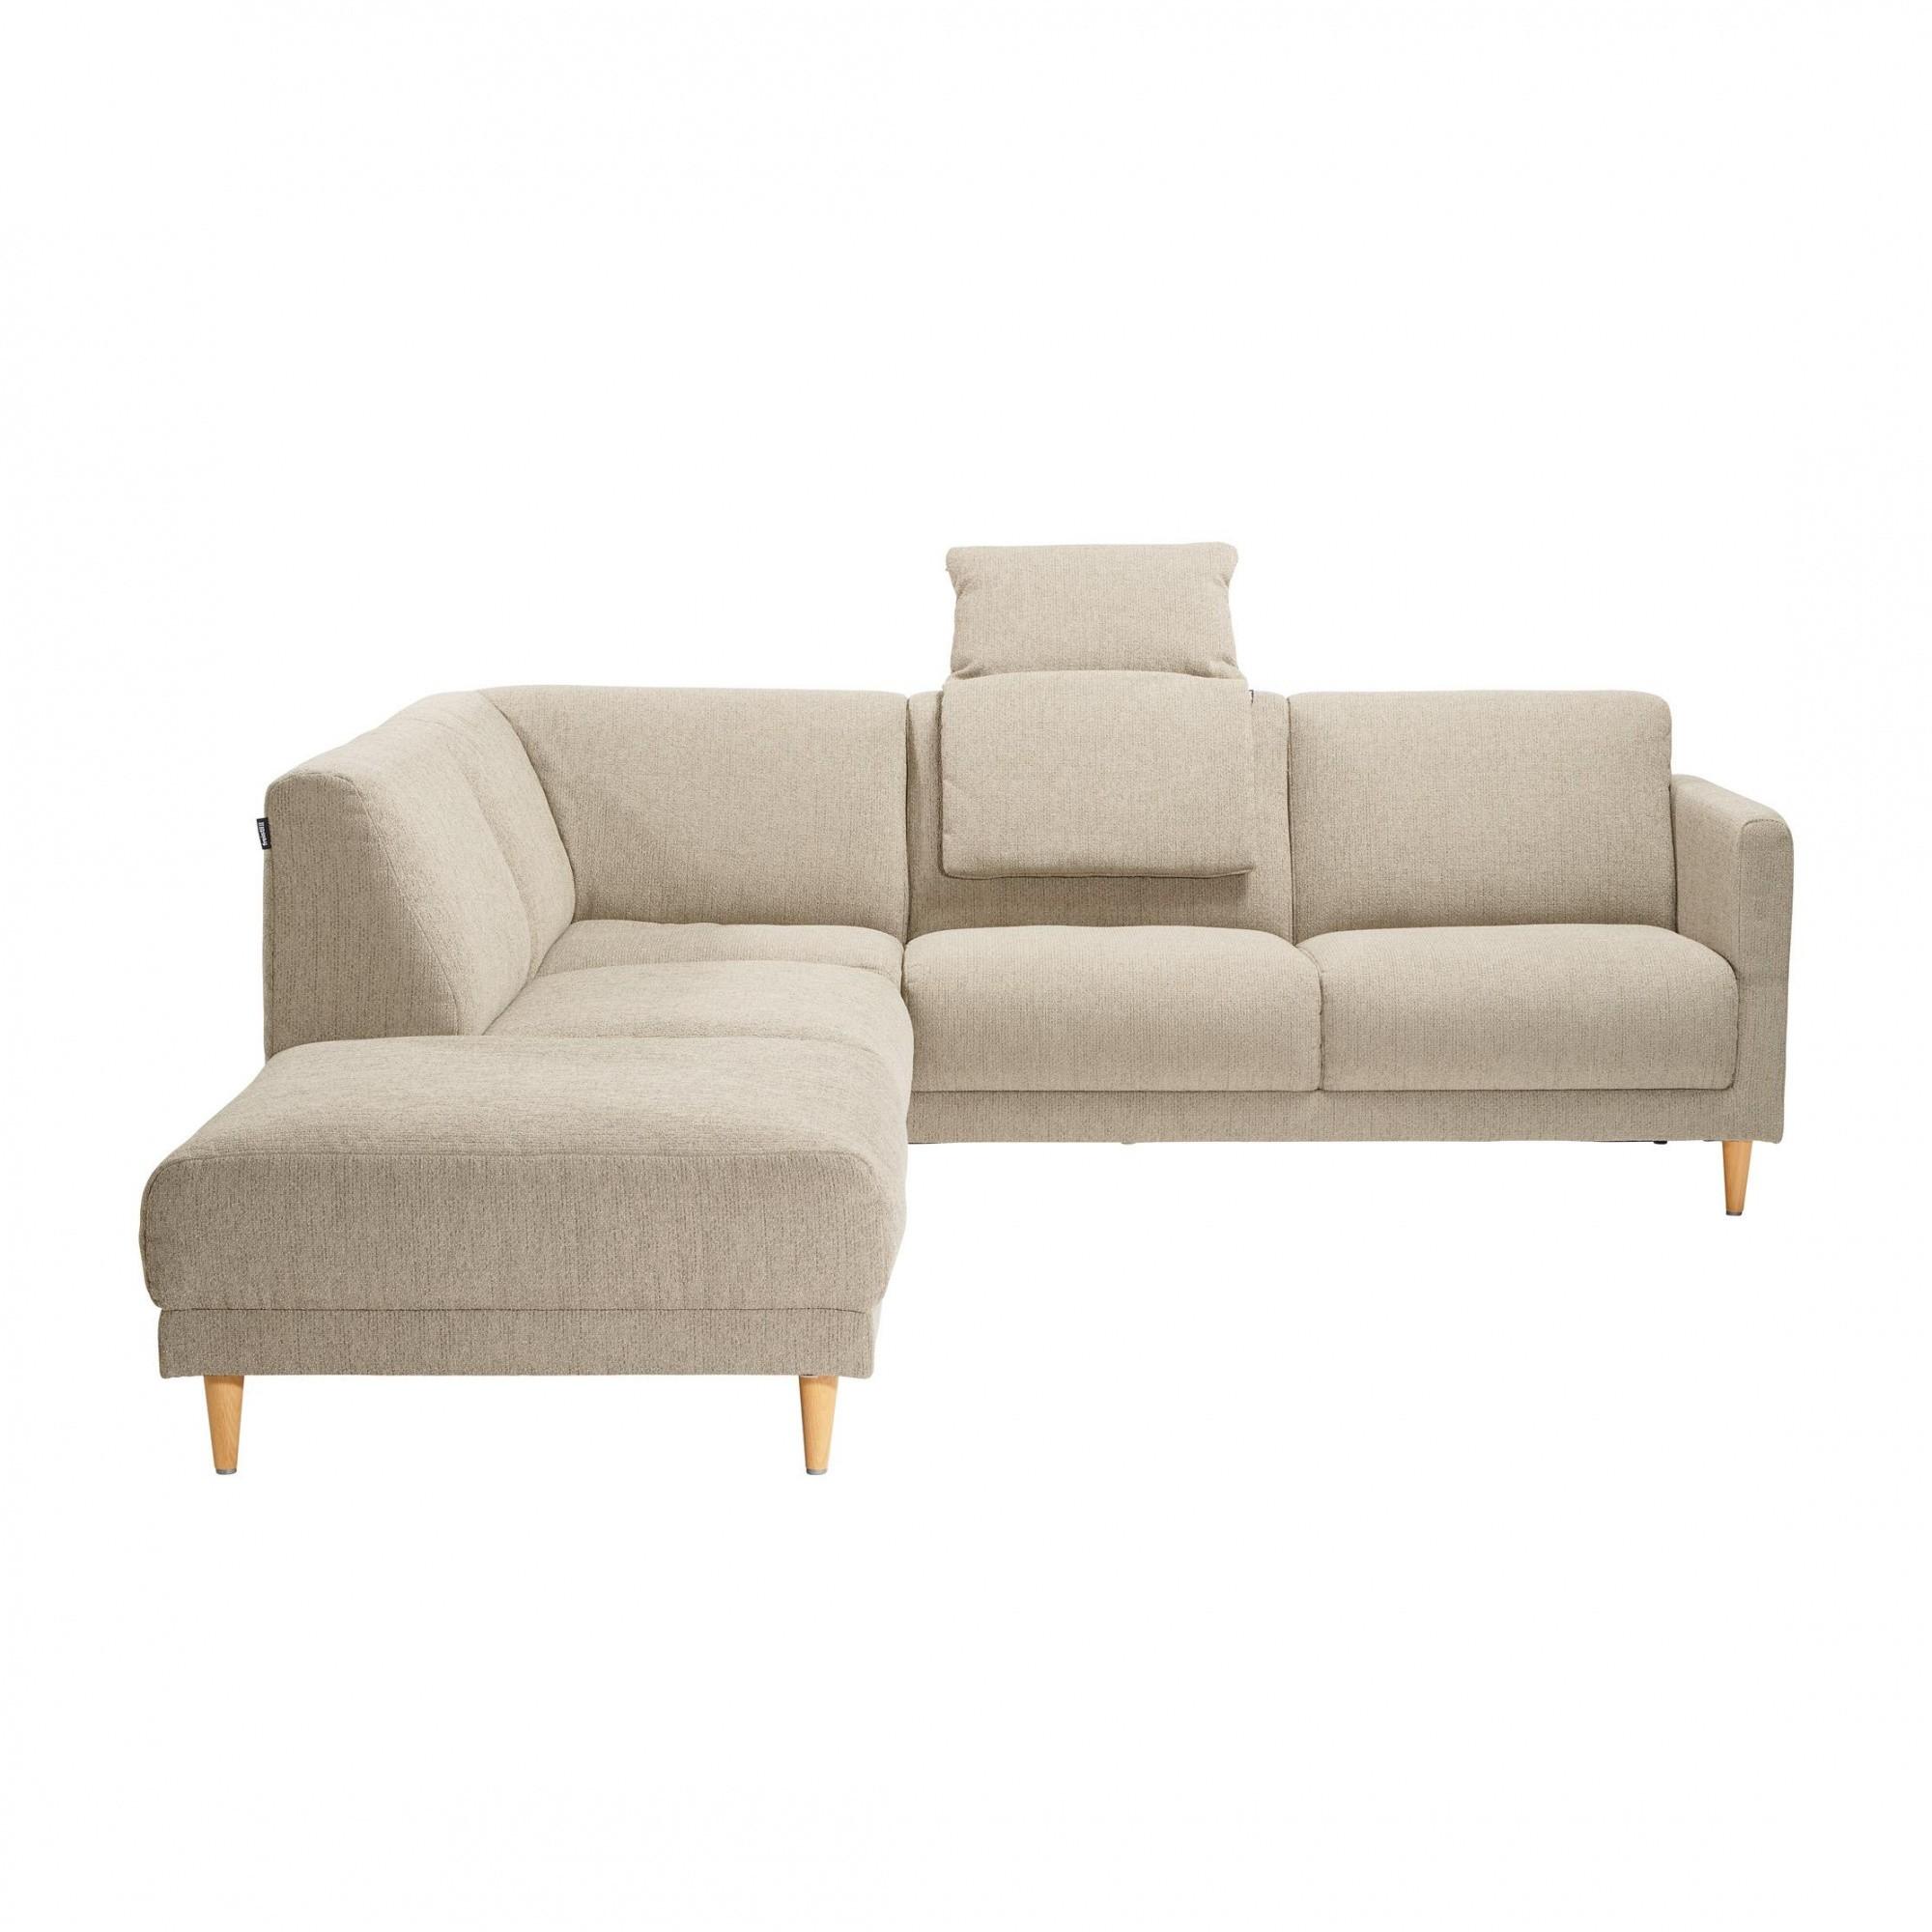 freistil rolf benz freistil 141 loungesofa 225x258cm. Black Bedroom Furniture Sets. Home Design Ideas